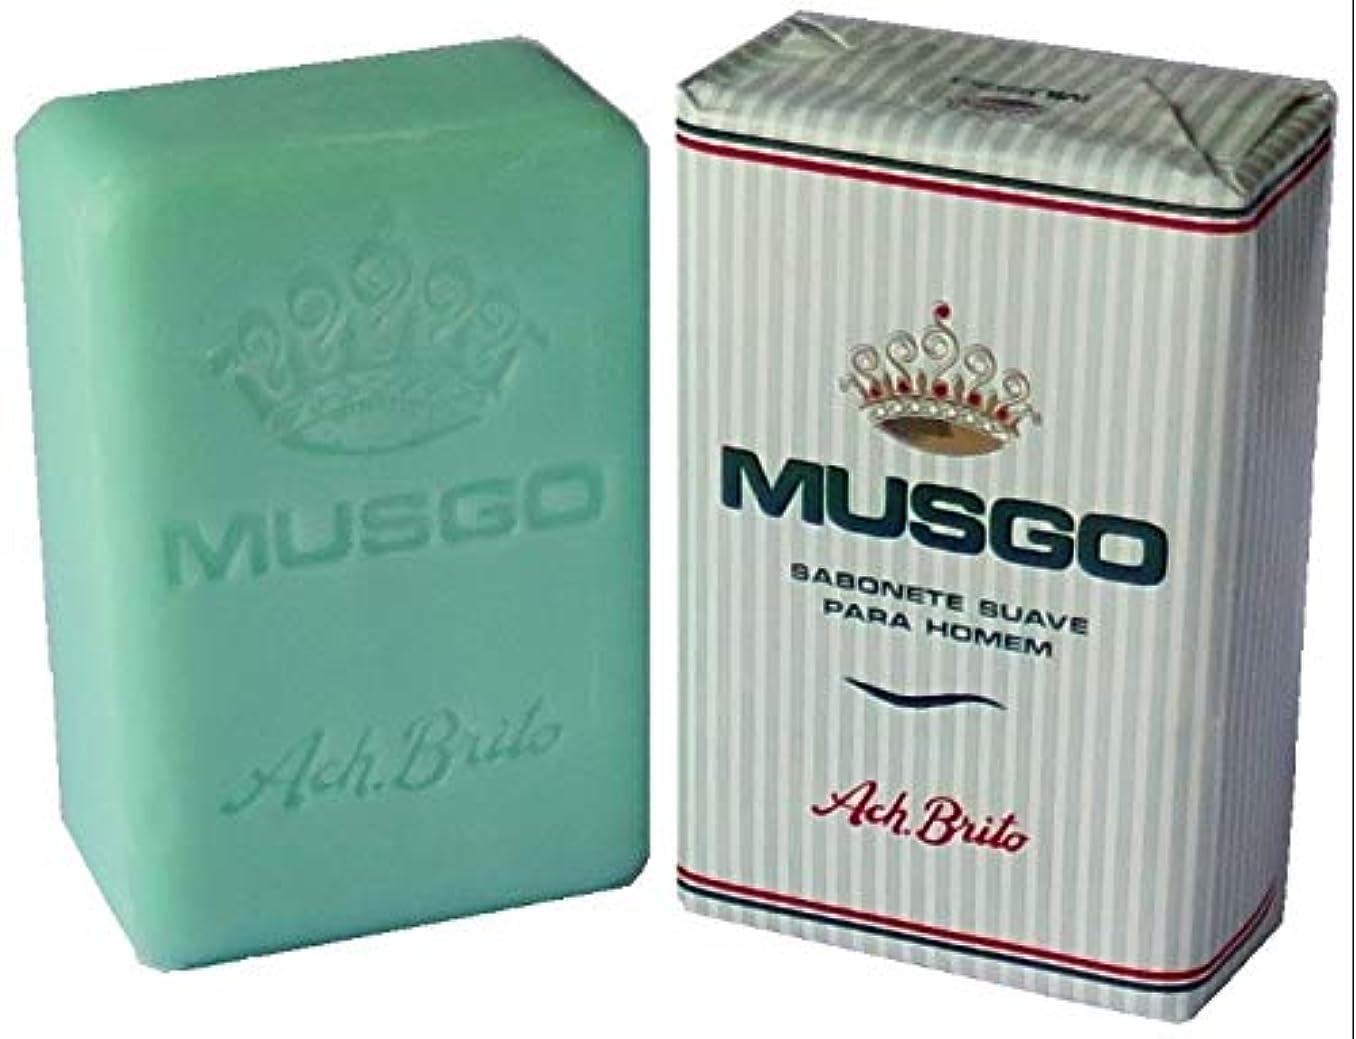 グローブ誇りに思う競うMusgo Real Body Soap 「ロイヤルモス」 ボディソープバー 160g [並行輸入品]